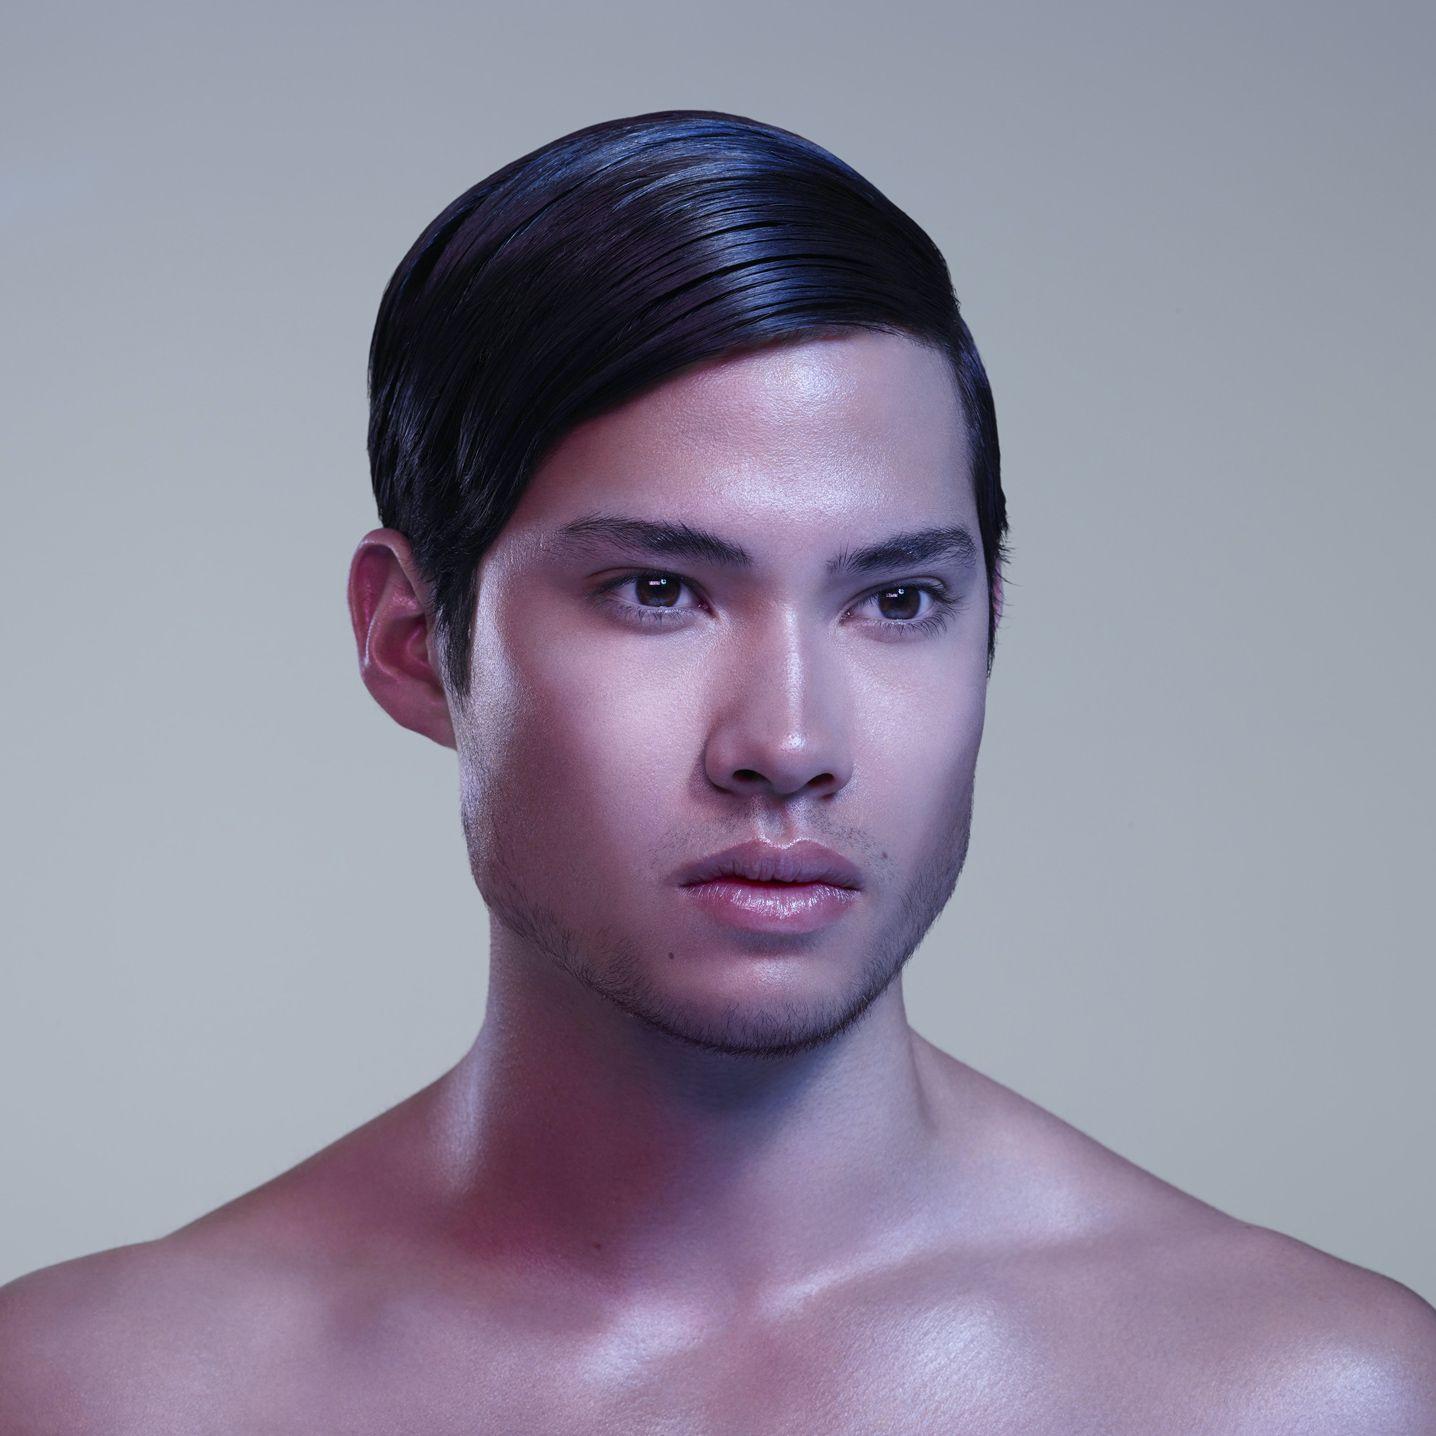 asian man slicked hair light beard light pink background soft coloured lights by Simon Duhamel for Skintone